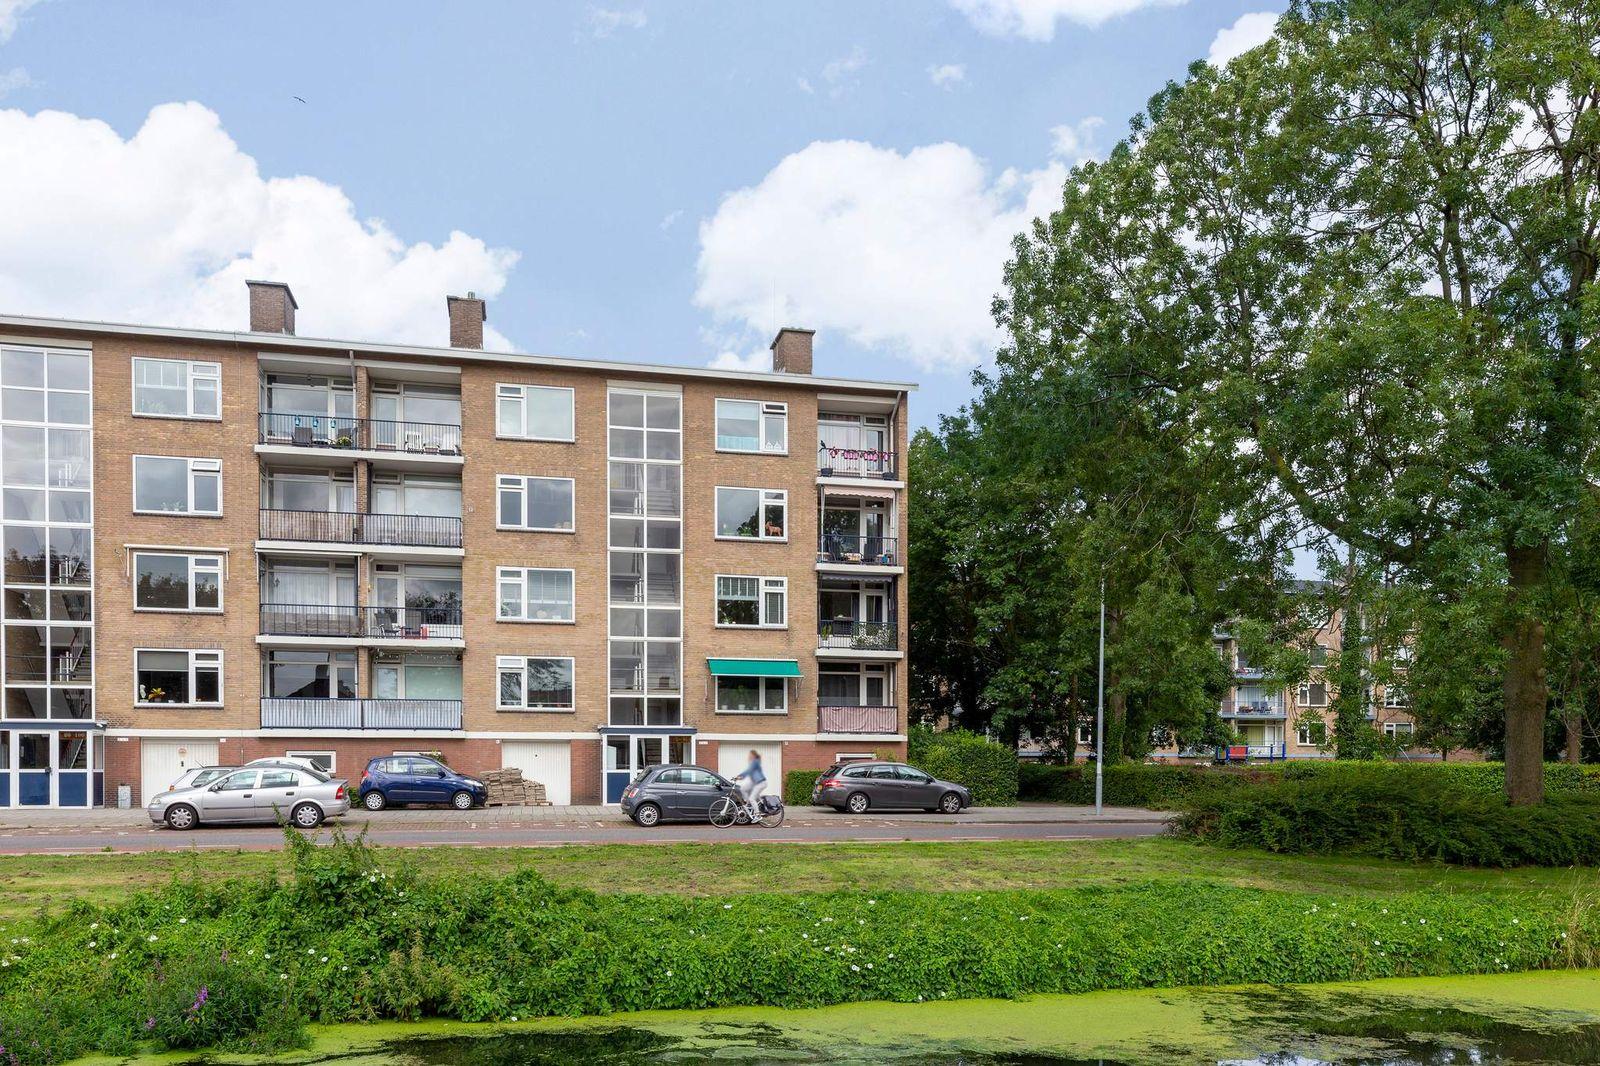 Ruysdaelstraat 72, Heemskerk